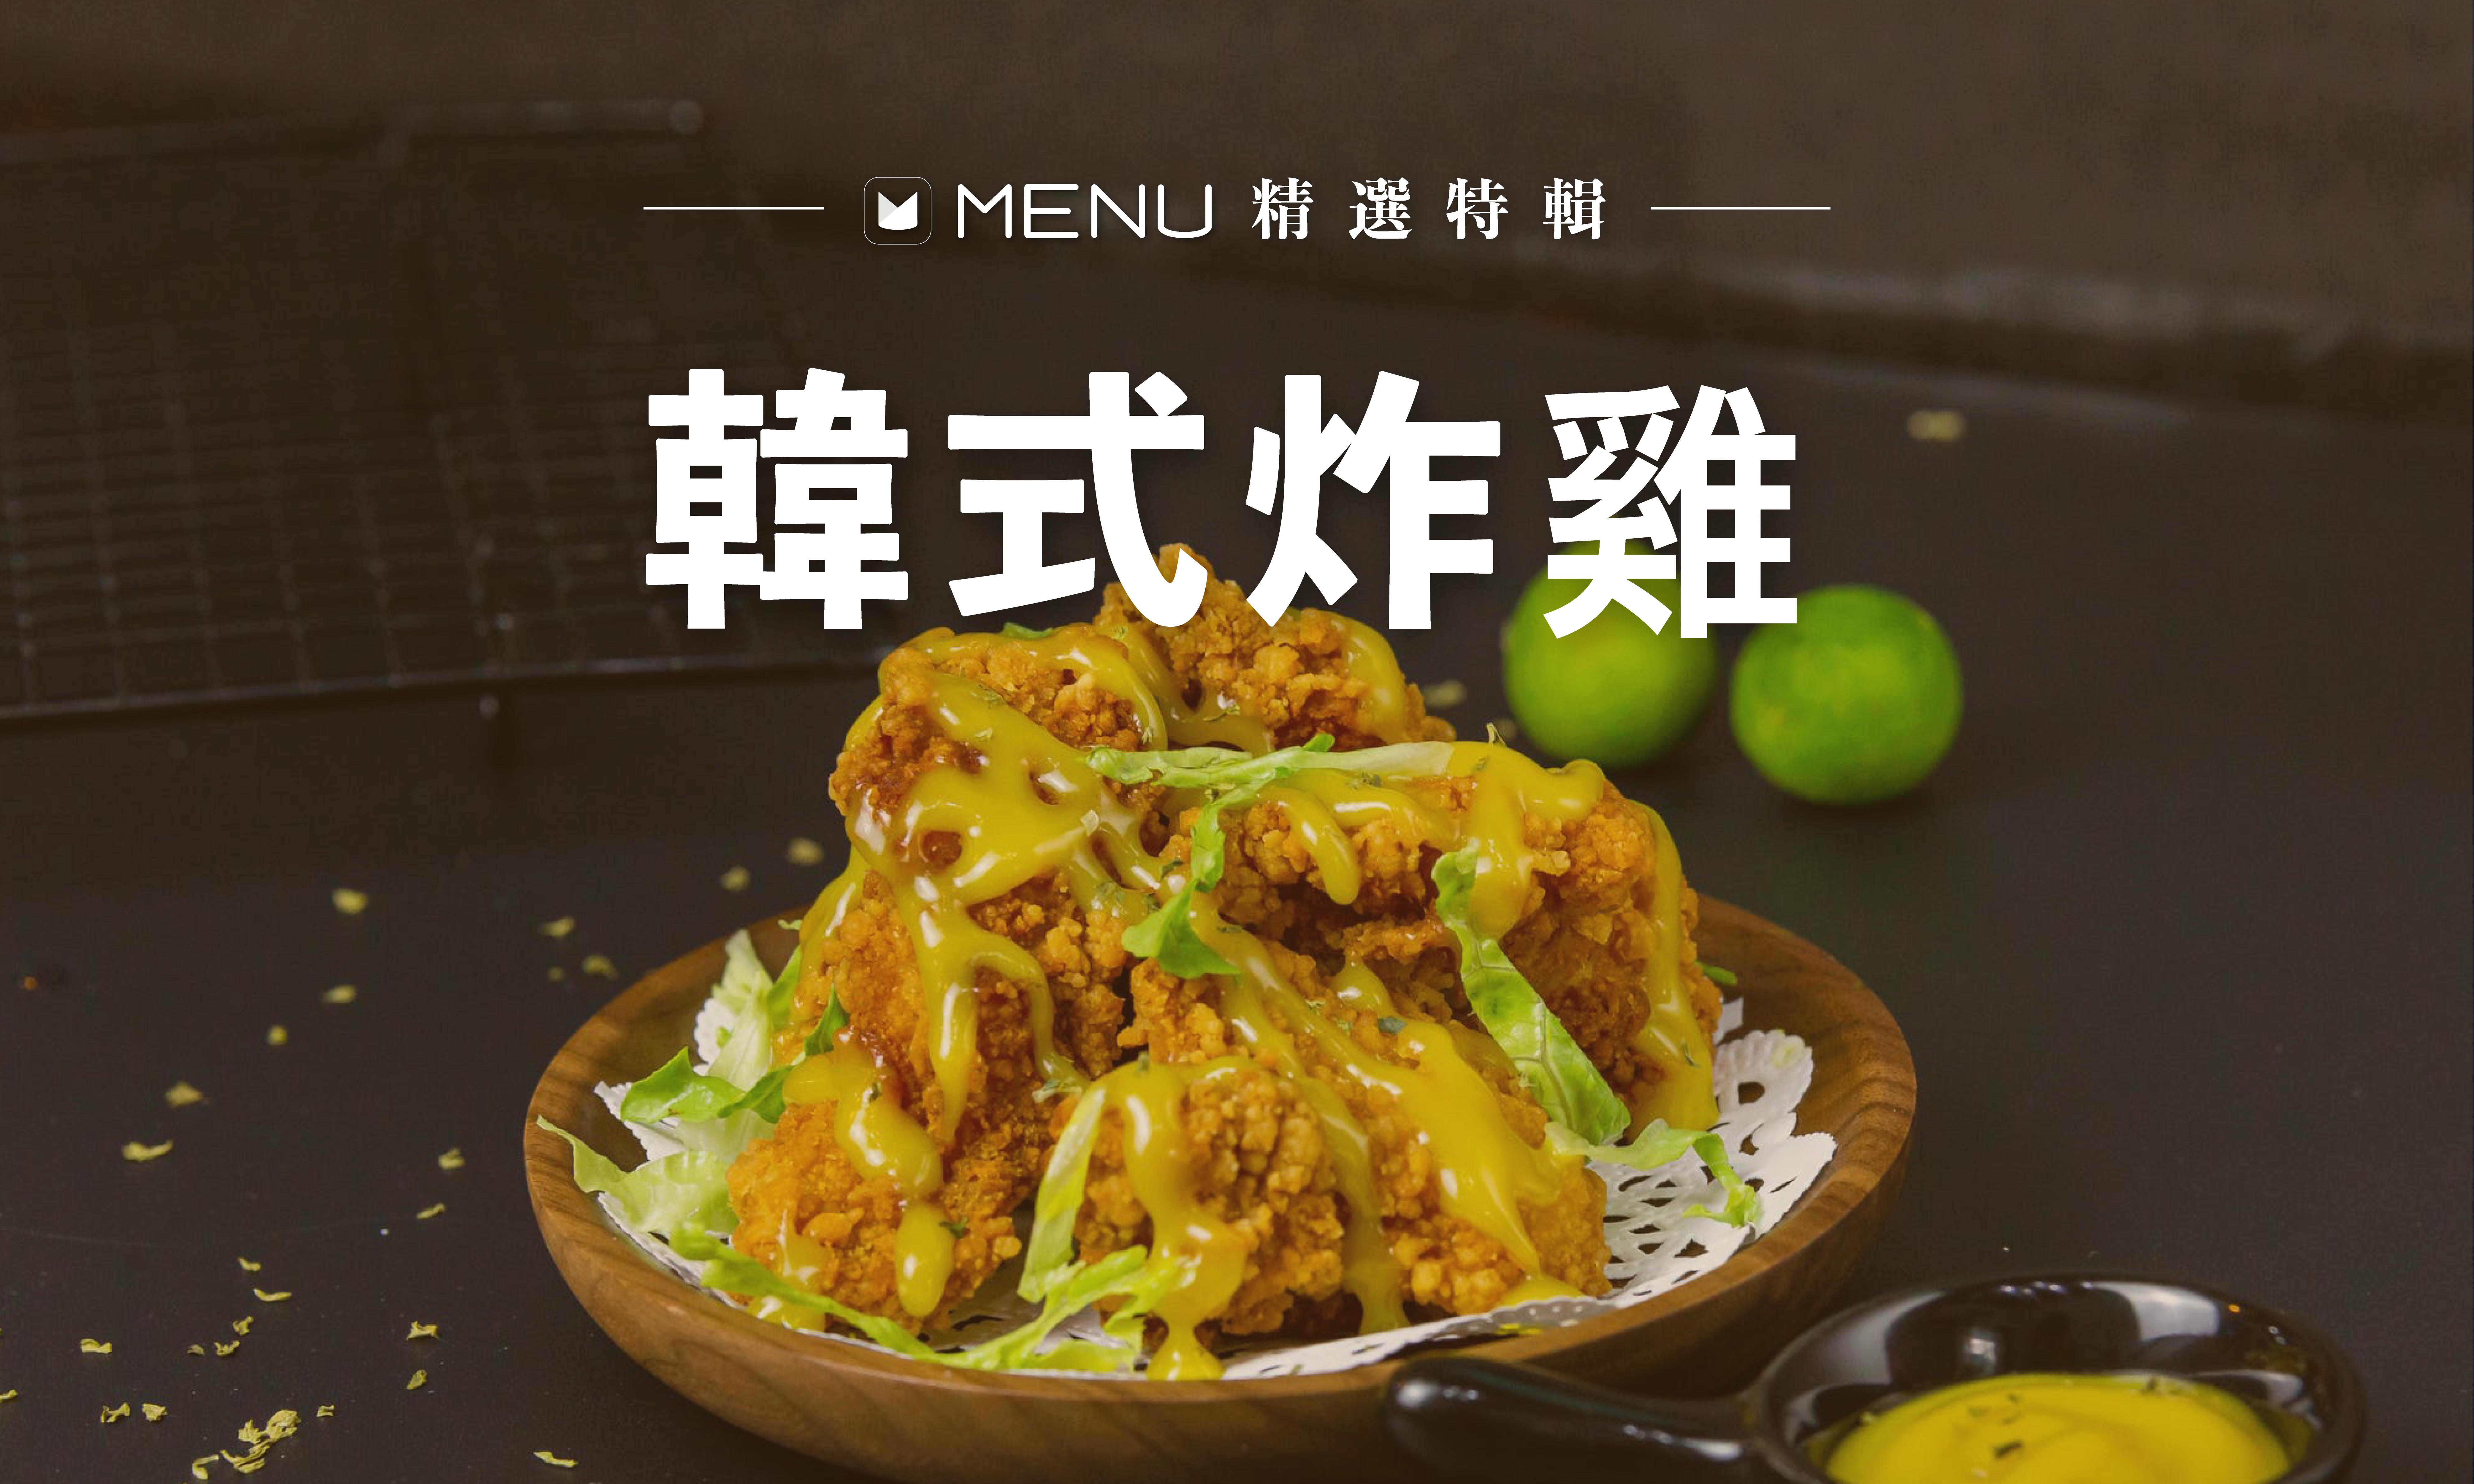 全台韓式炸雞TOP10,不用飛出國也能輕鬆吃!